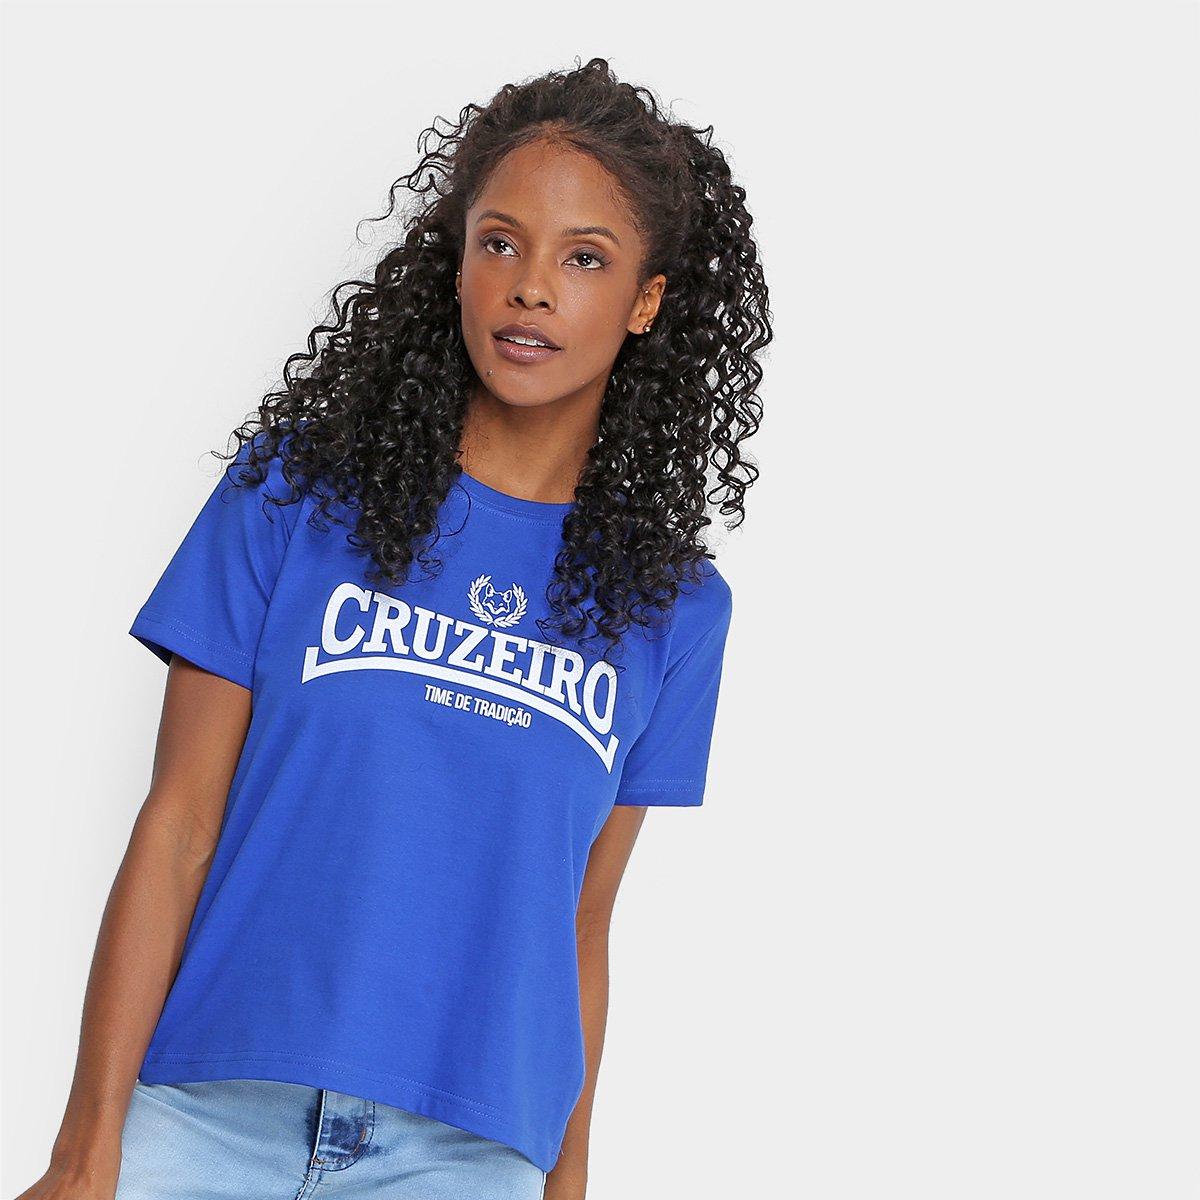 44%OFF Camiseta Cruzeiro Time de Tradição Feminina 78e1e59aaa4b8